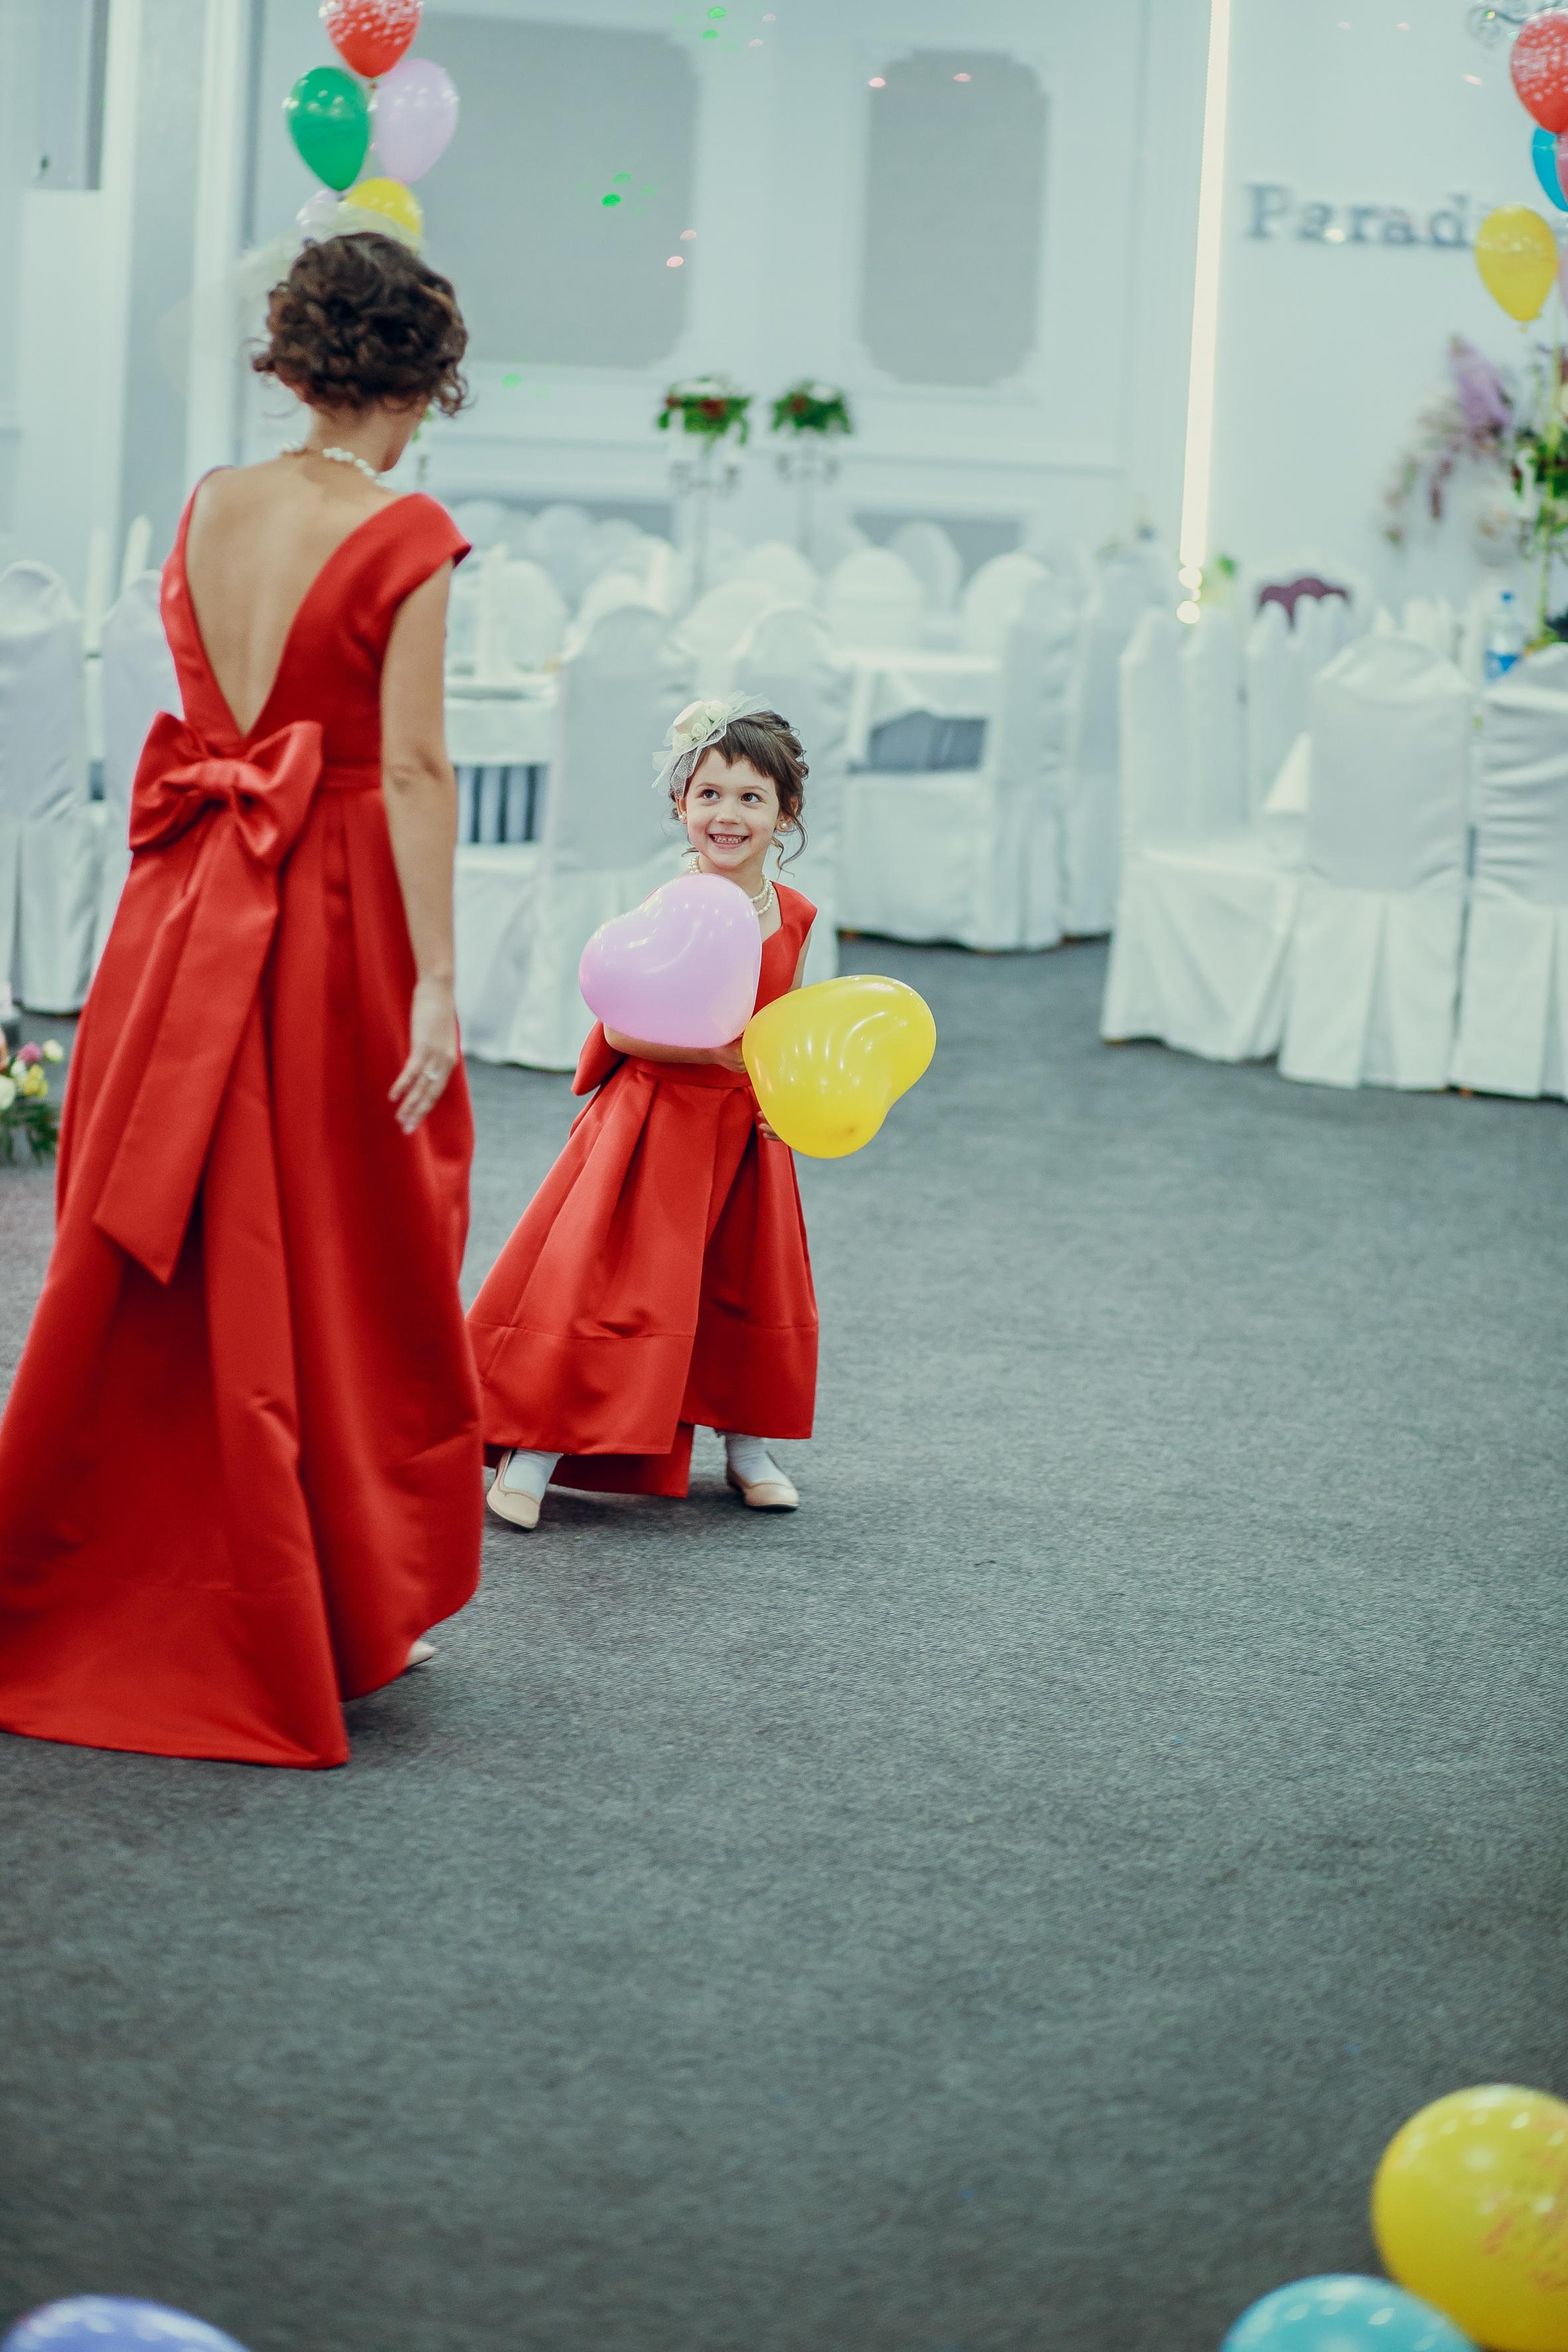 MY OUTFIT  Îmbrăcate la fel! Despre rochiile mamă-fiică